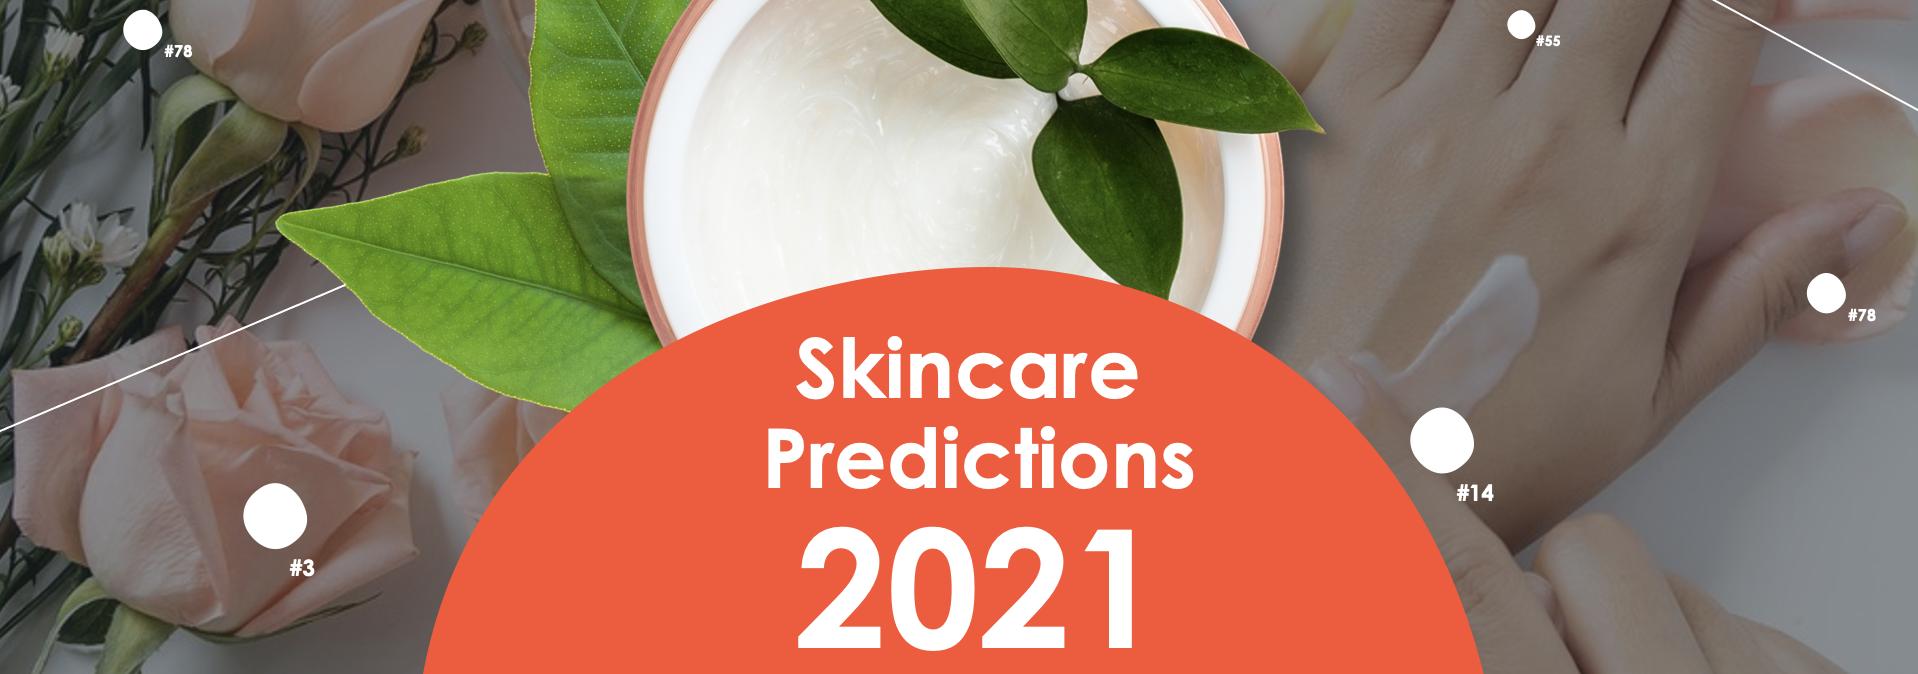 Skincare Predictions